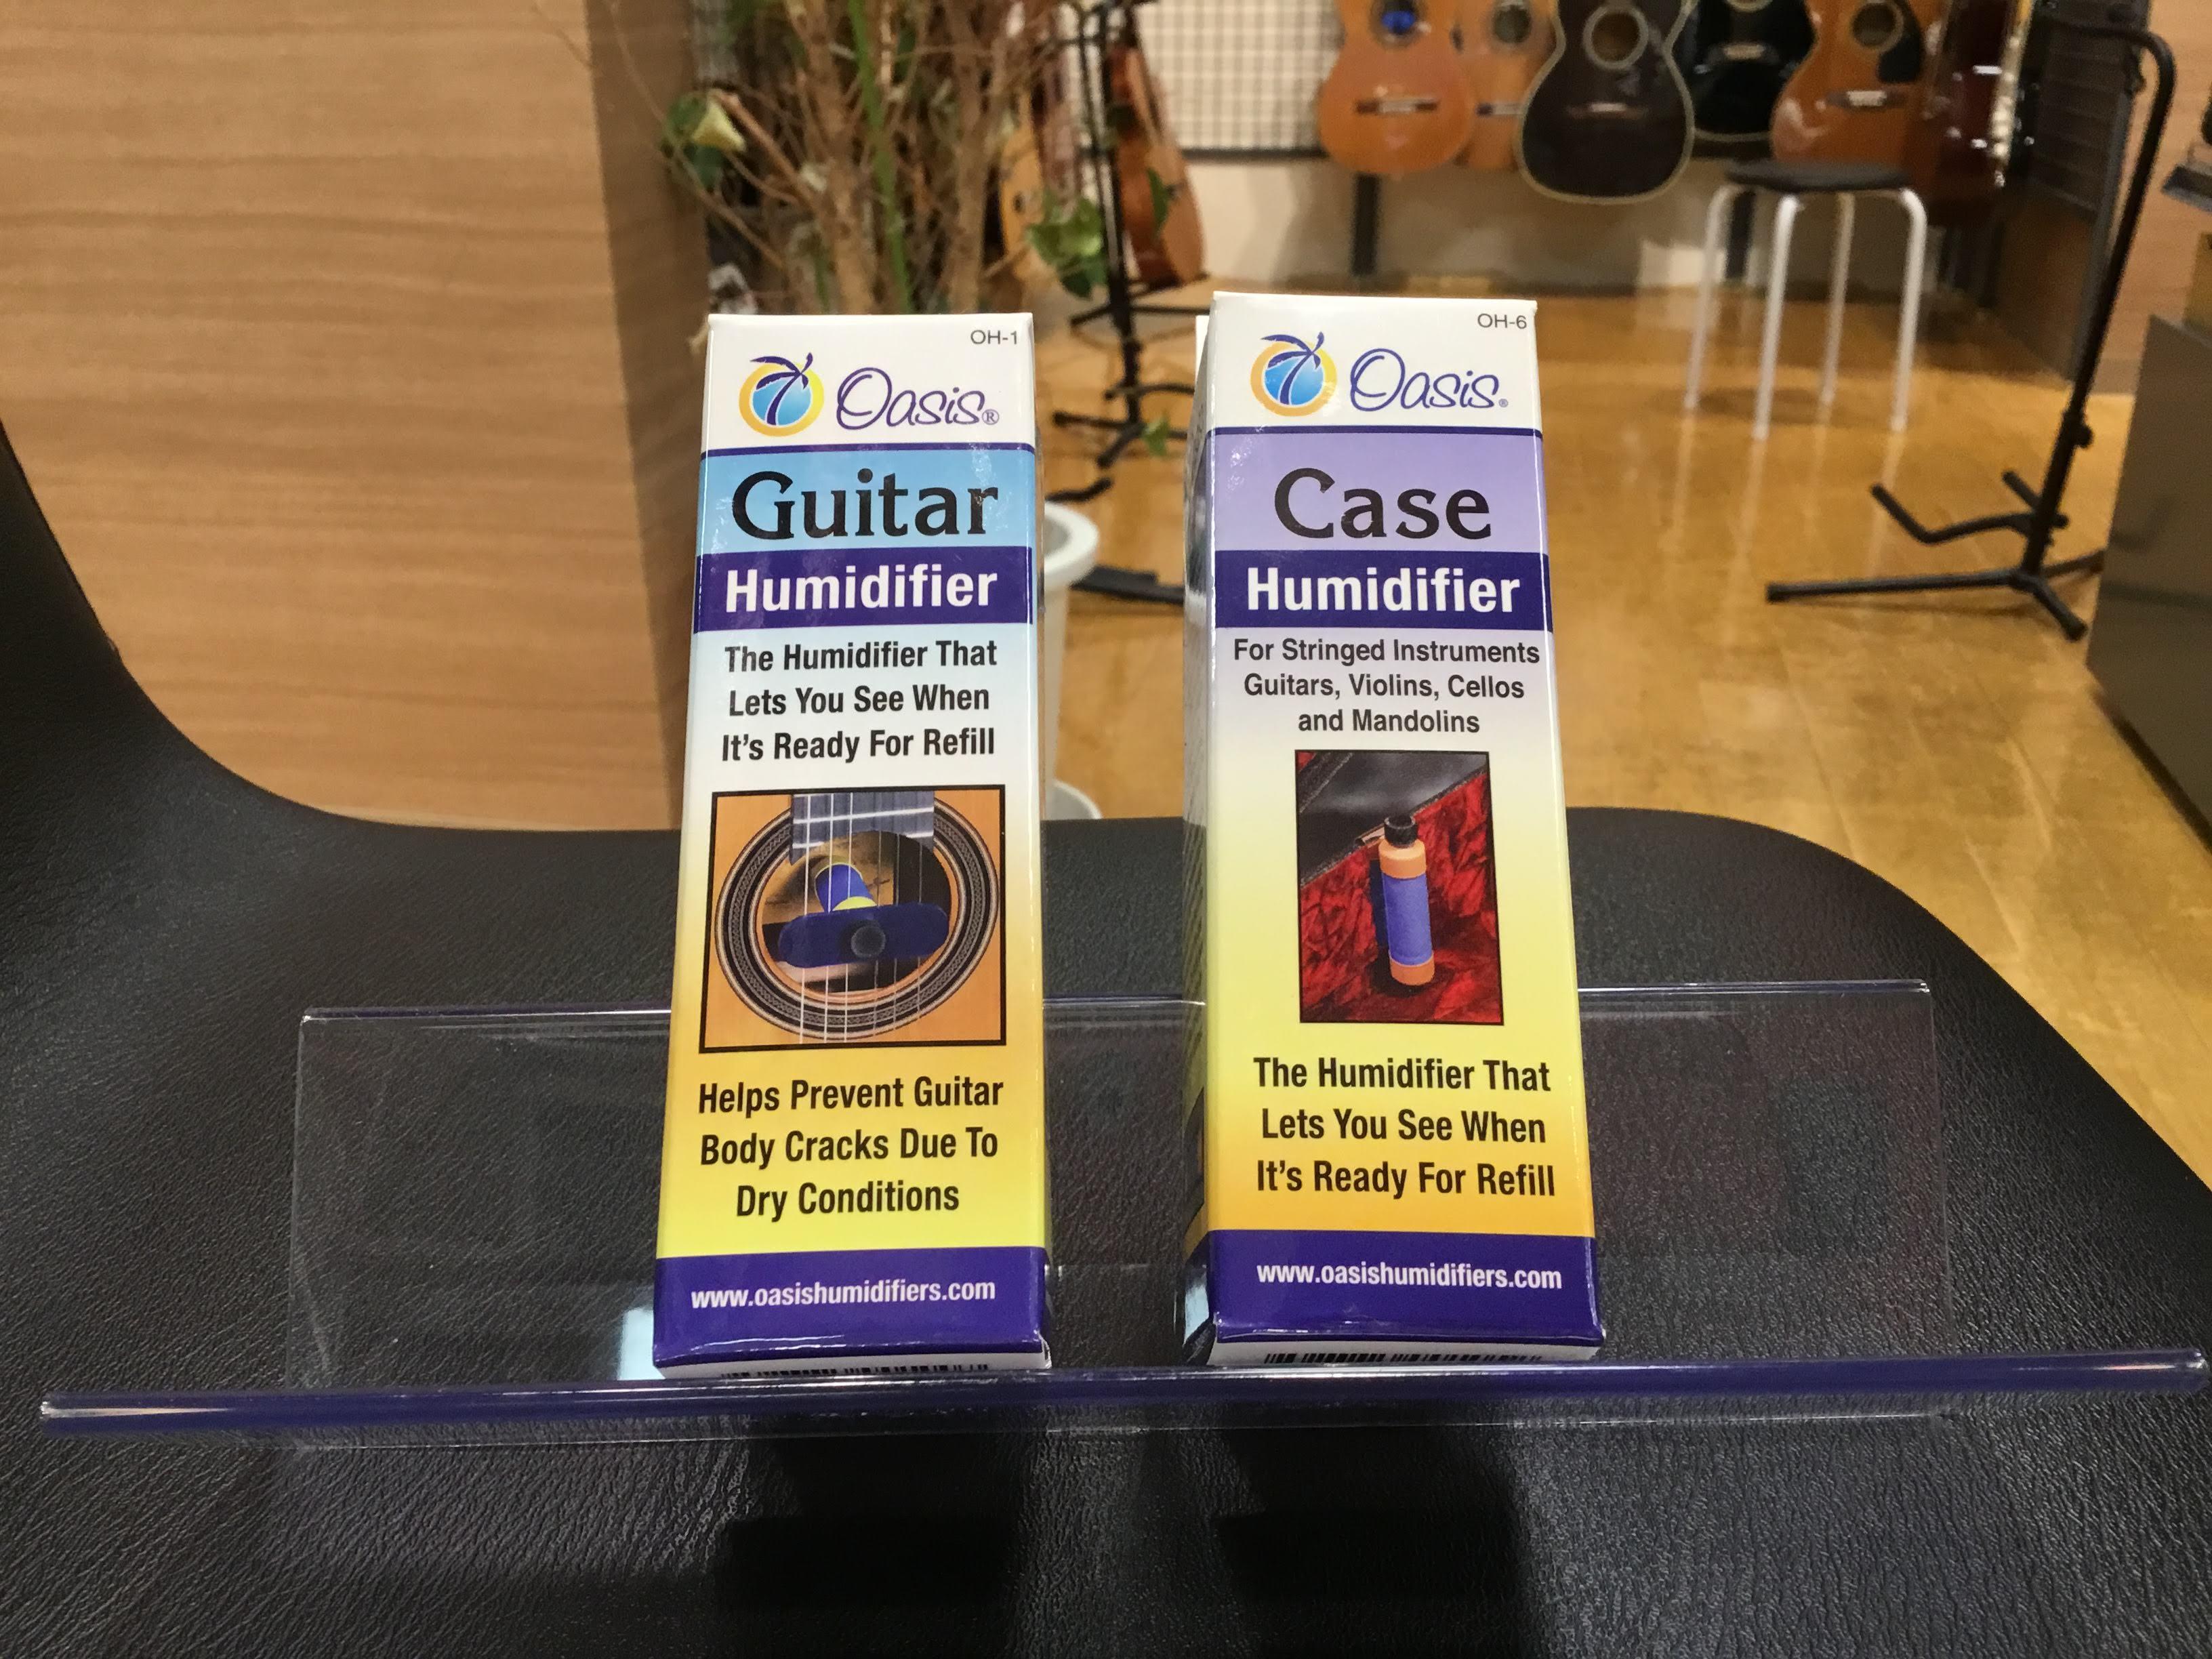 Guitar Humidifier / Case Humidifier